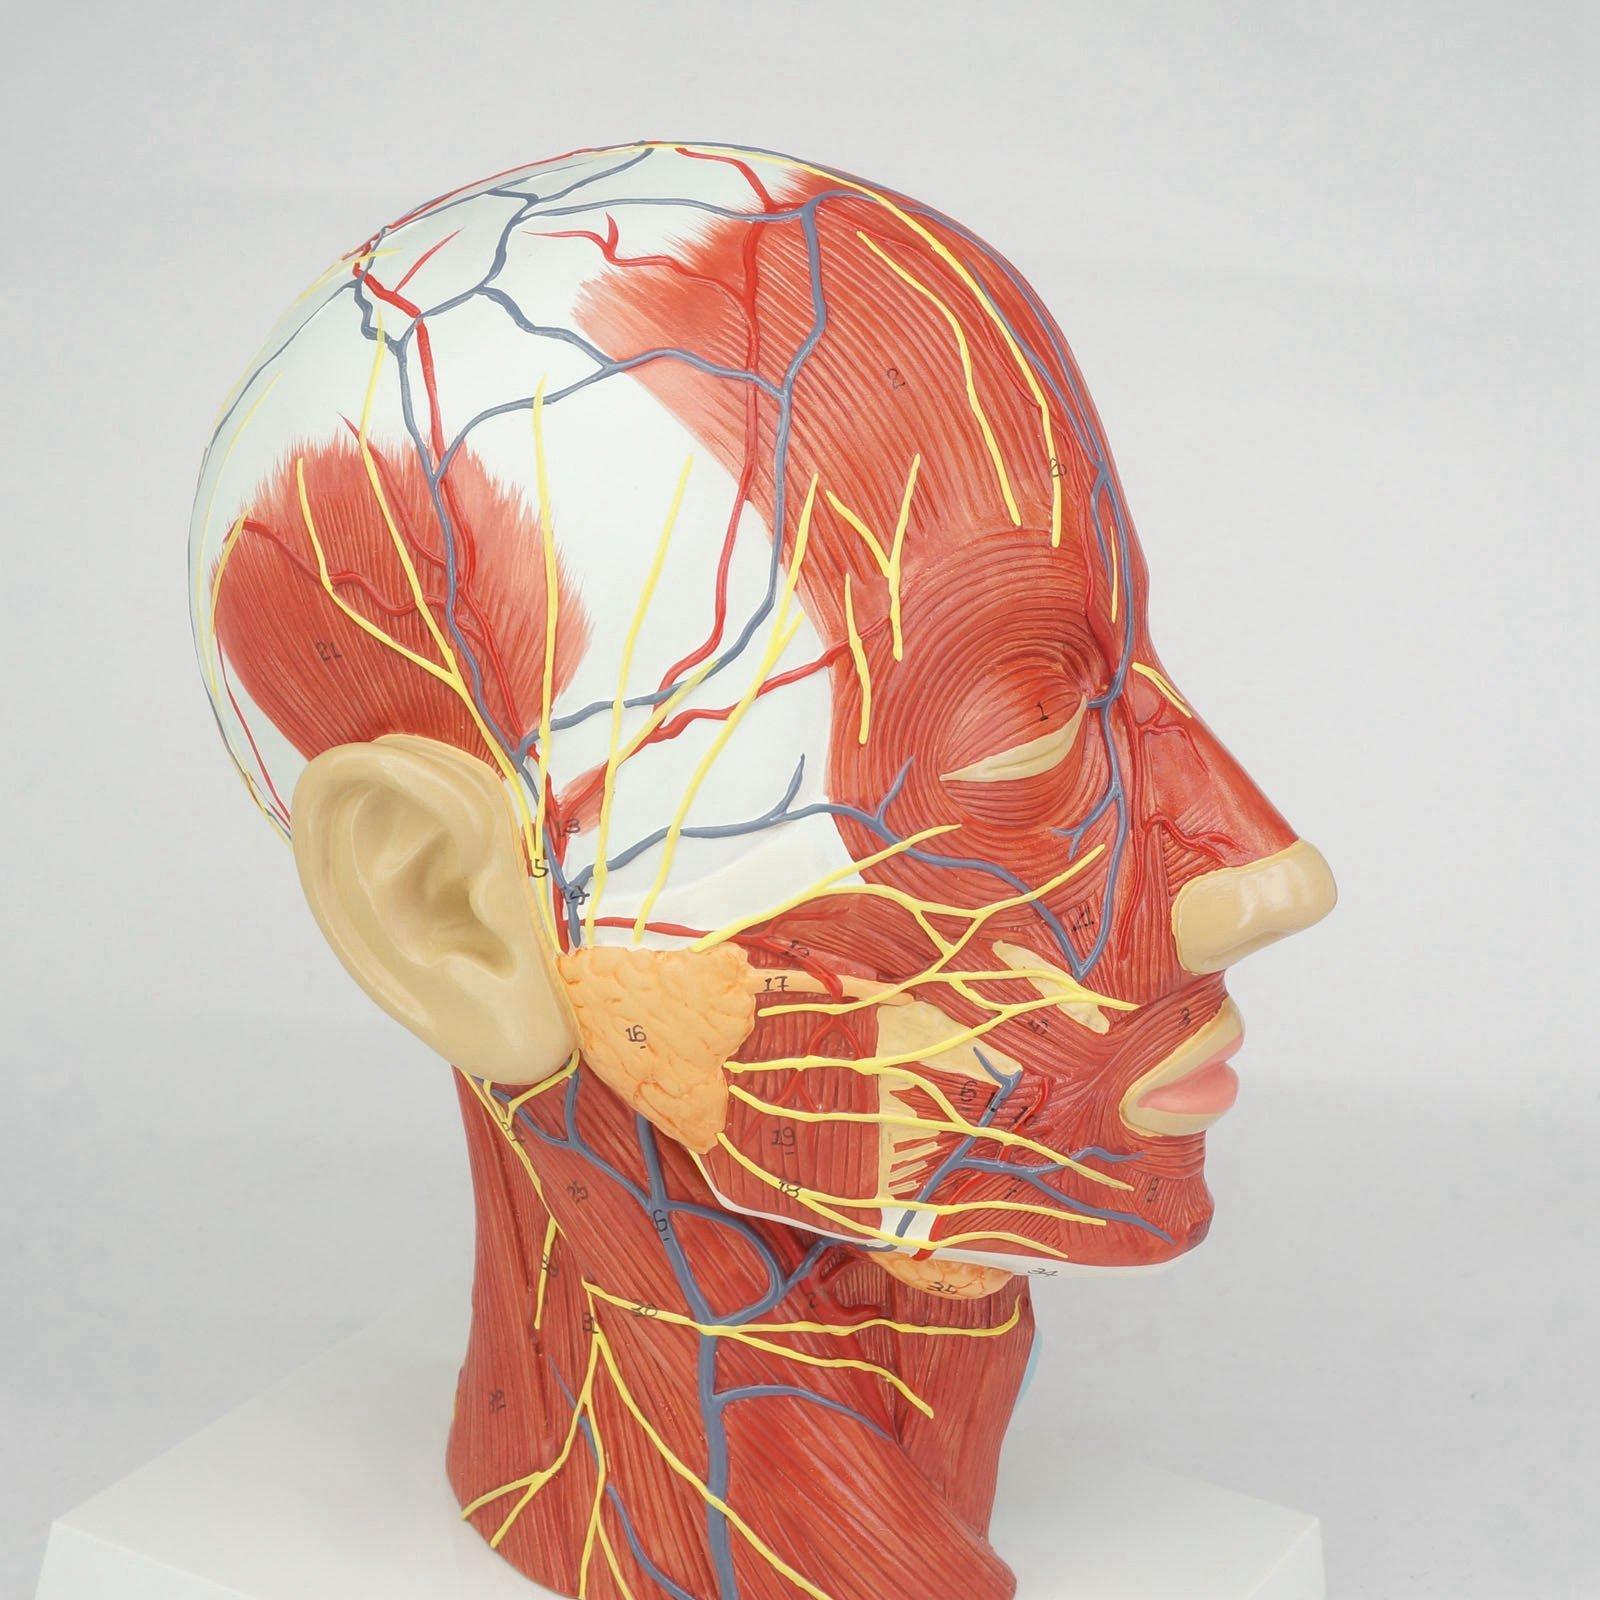 Ausgezeichnet Kopf Und Hals Anatomie Modell Bilder - Menschliche ...